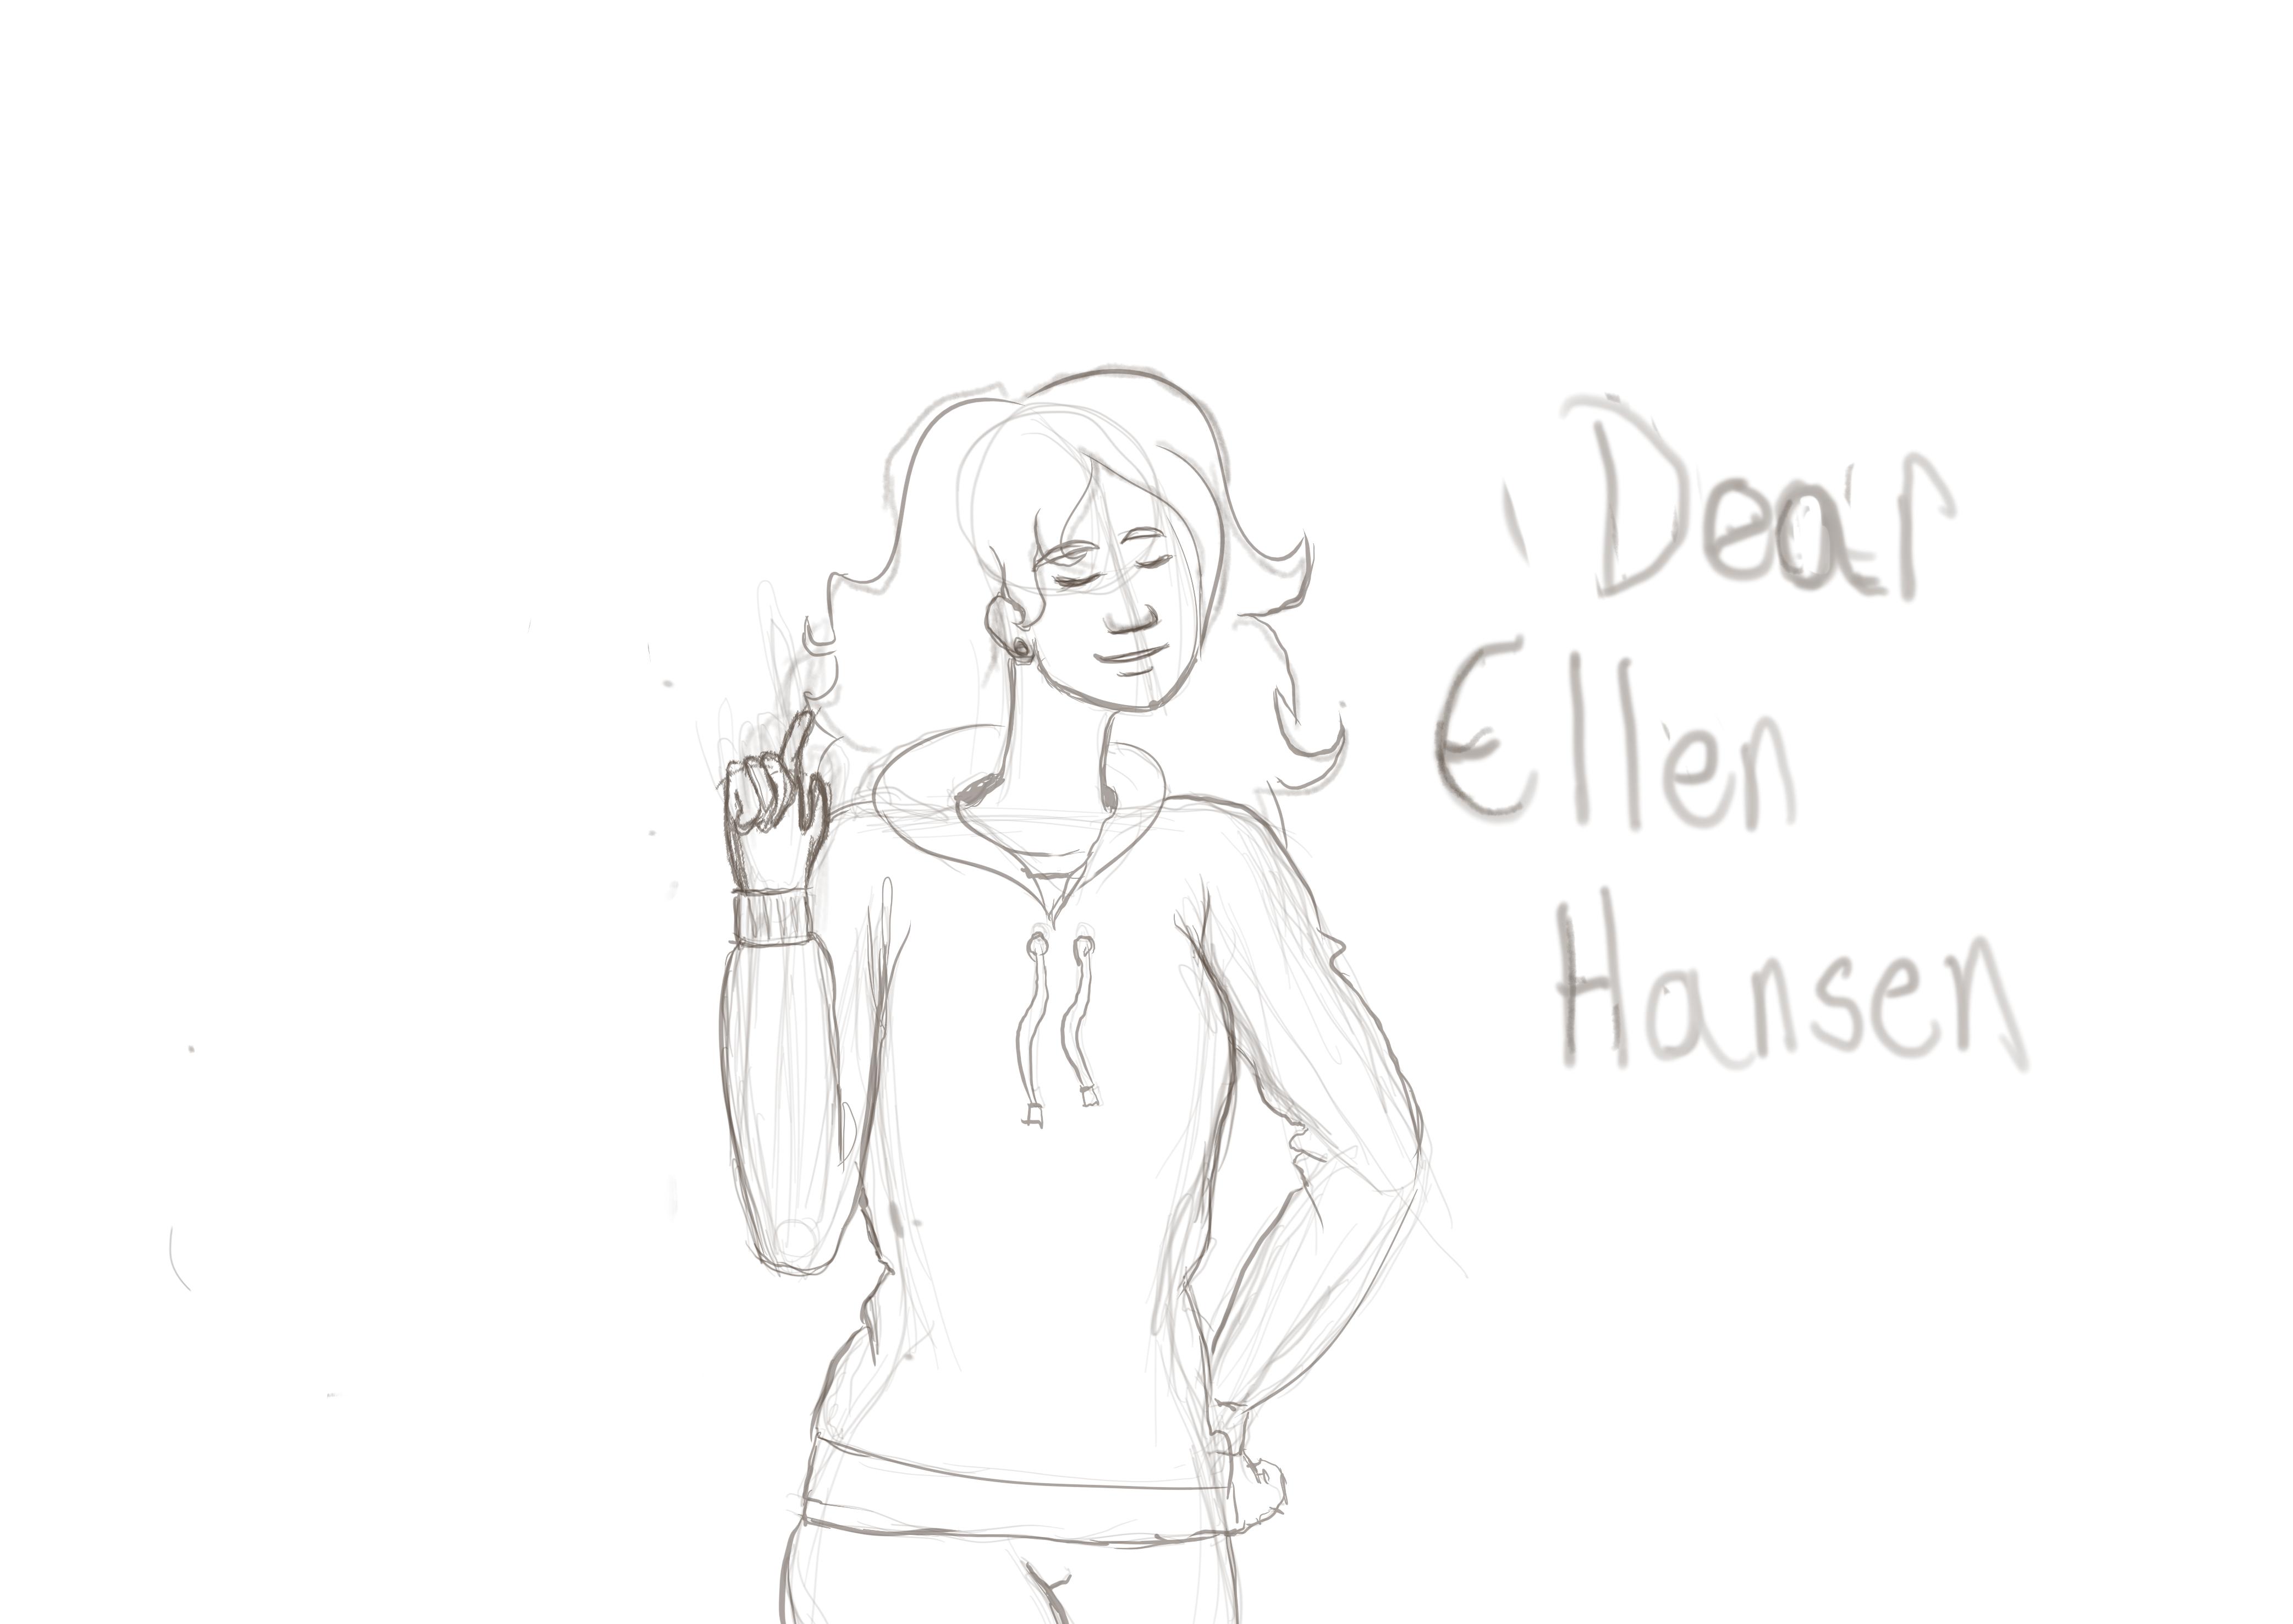 Dear Ellen Hansen by rosieemunro